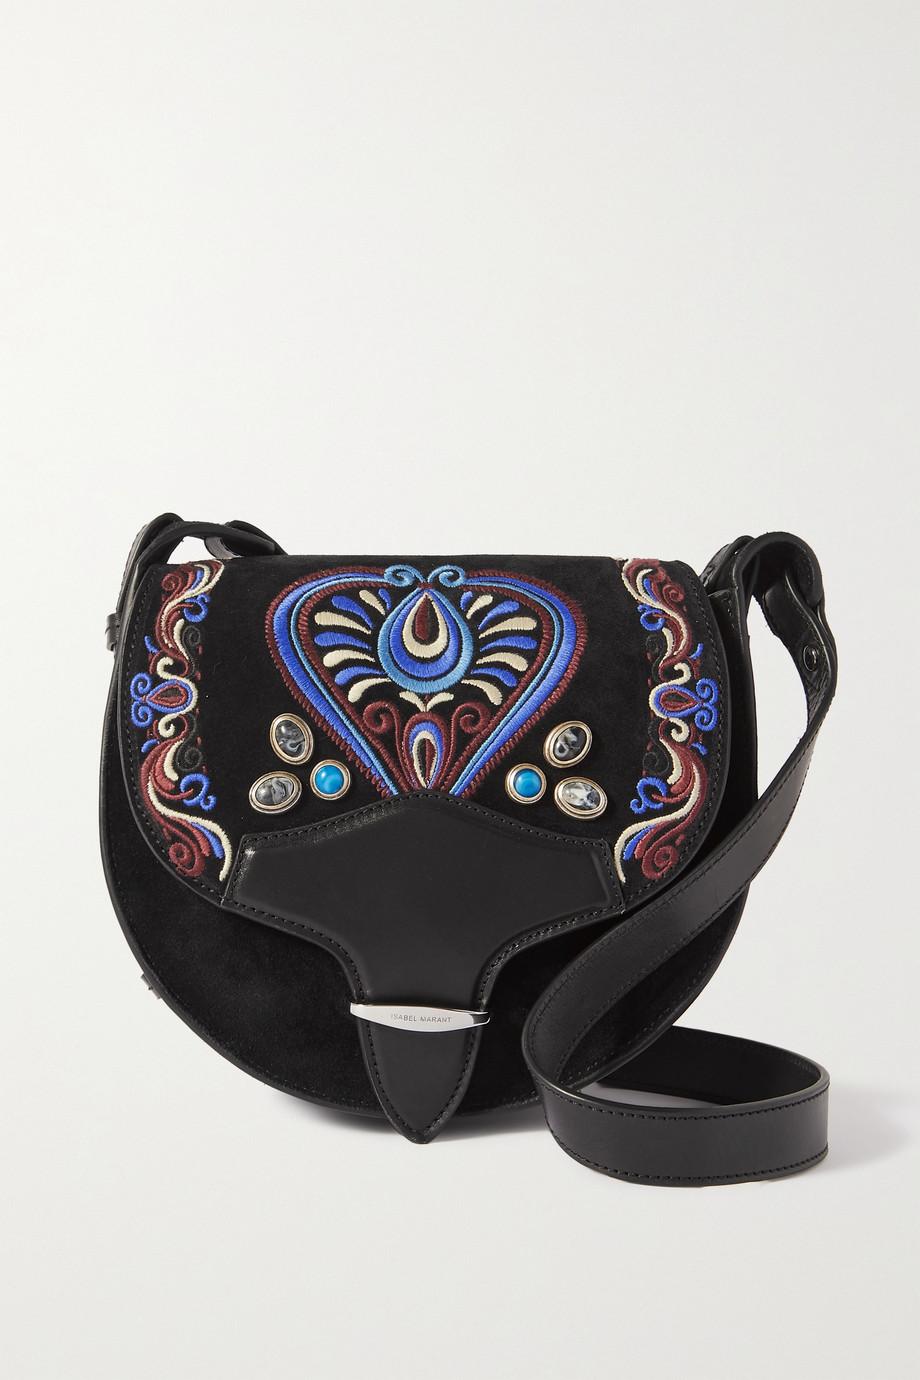 Isabel Marant Botsy Schultertasche aus besticktem Veloursleder mit Lederbesätzen und Verzierungen